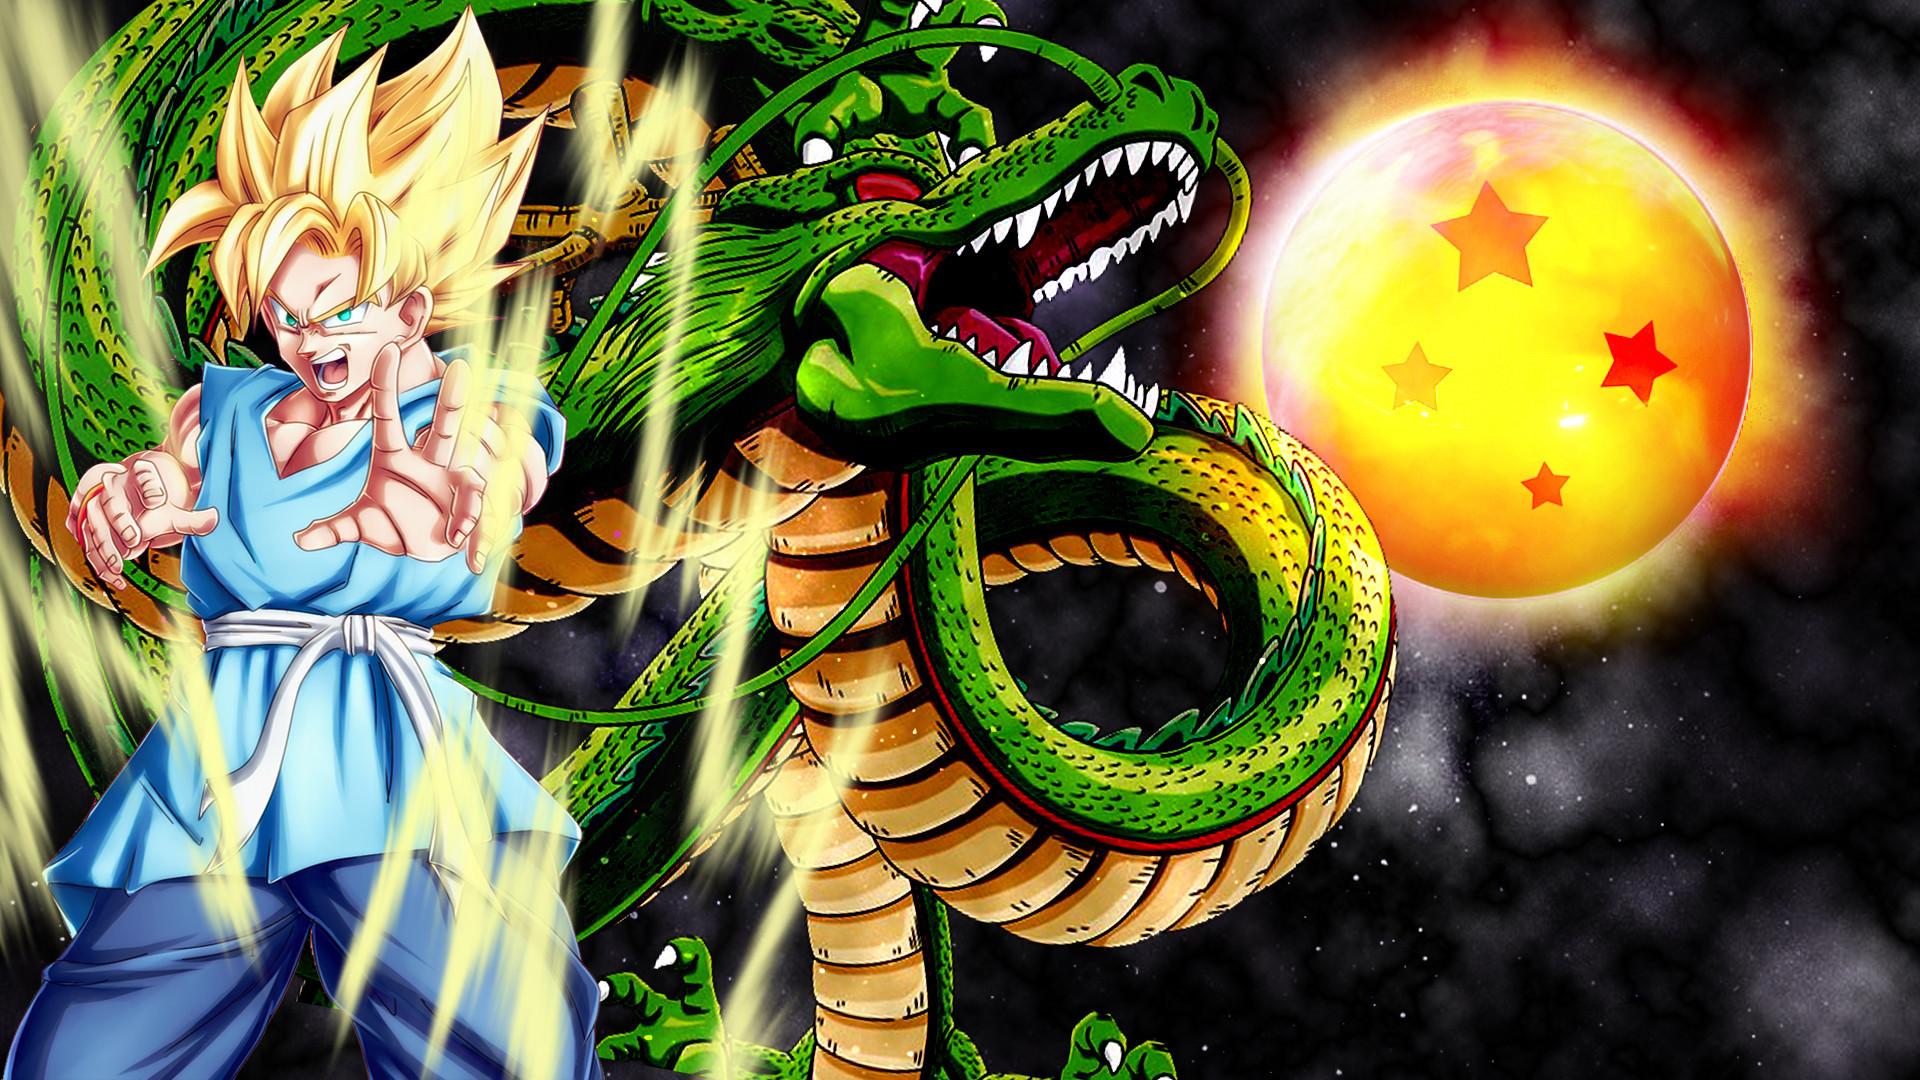 goku super saiyan 4 wallpaper hd – ALOjamiento de IMágenes